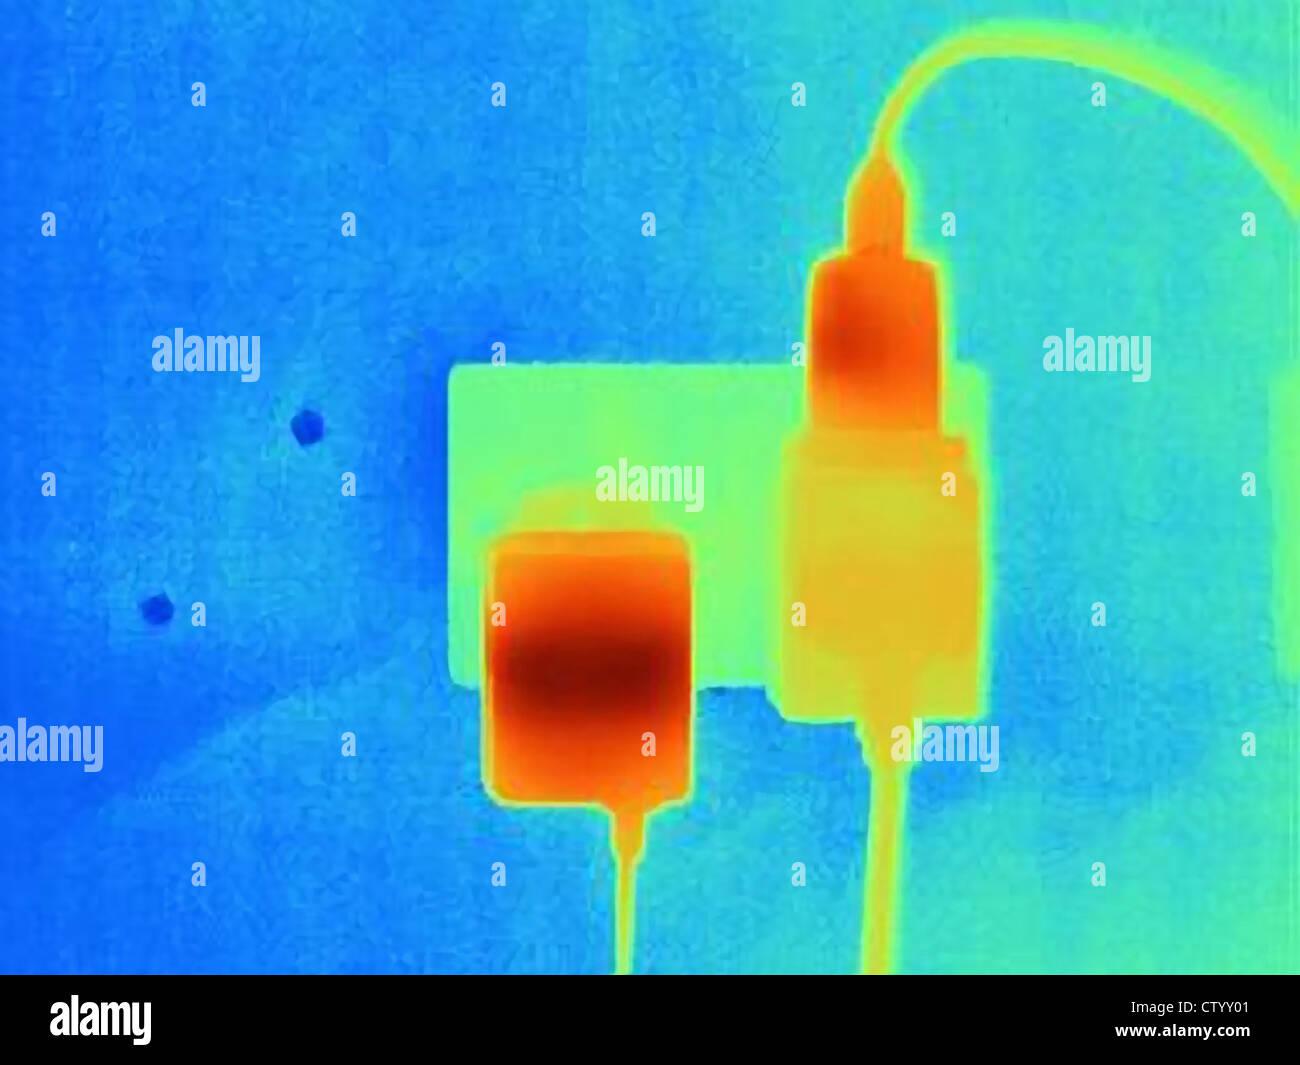 Wärmebild von Steckern und Steckdosen Stockbild